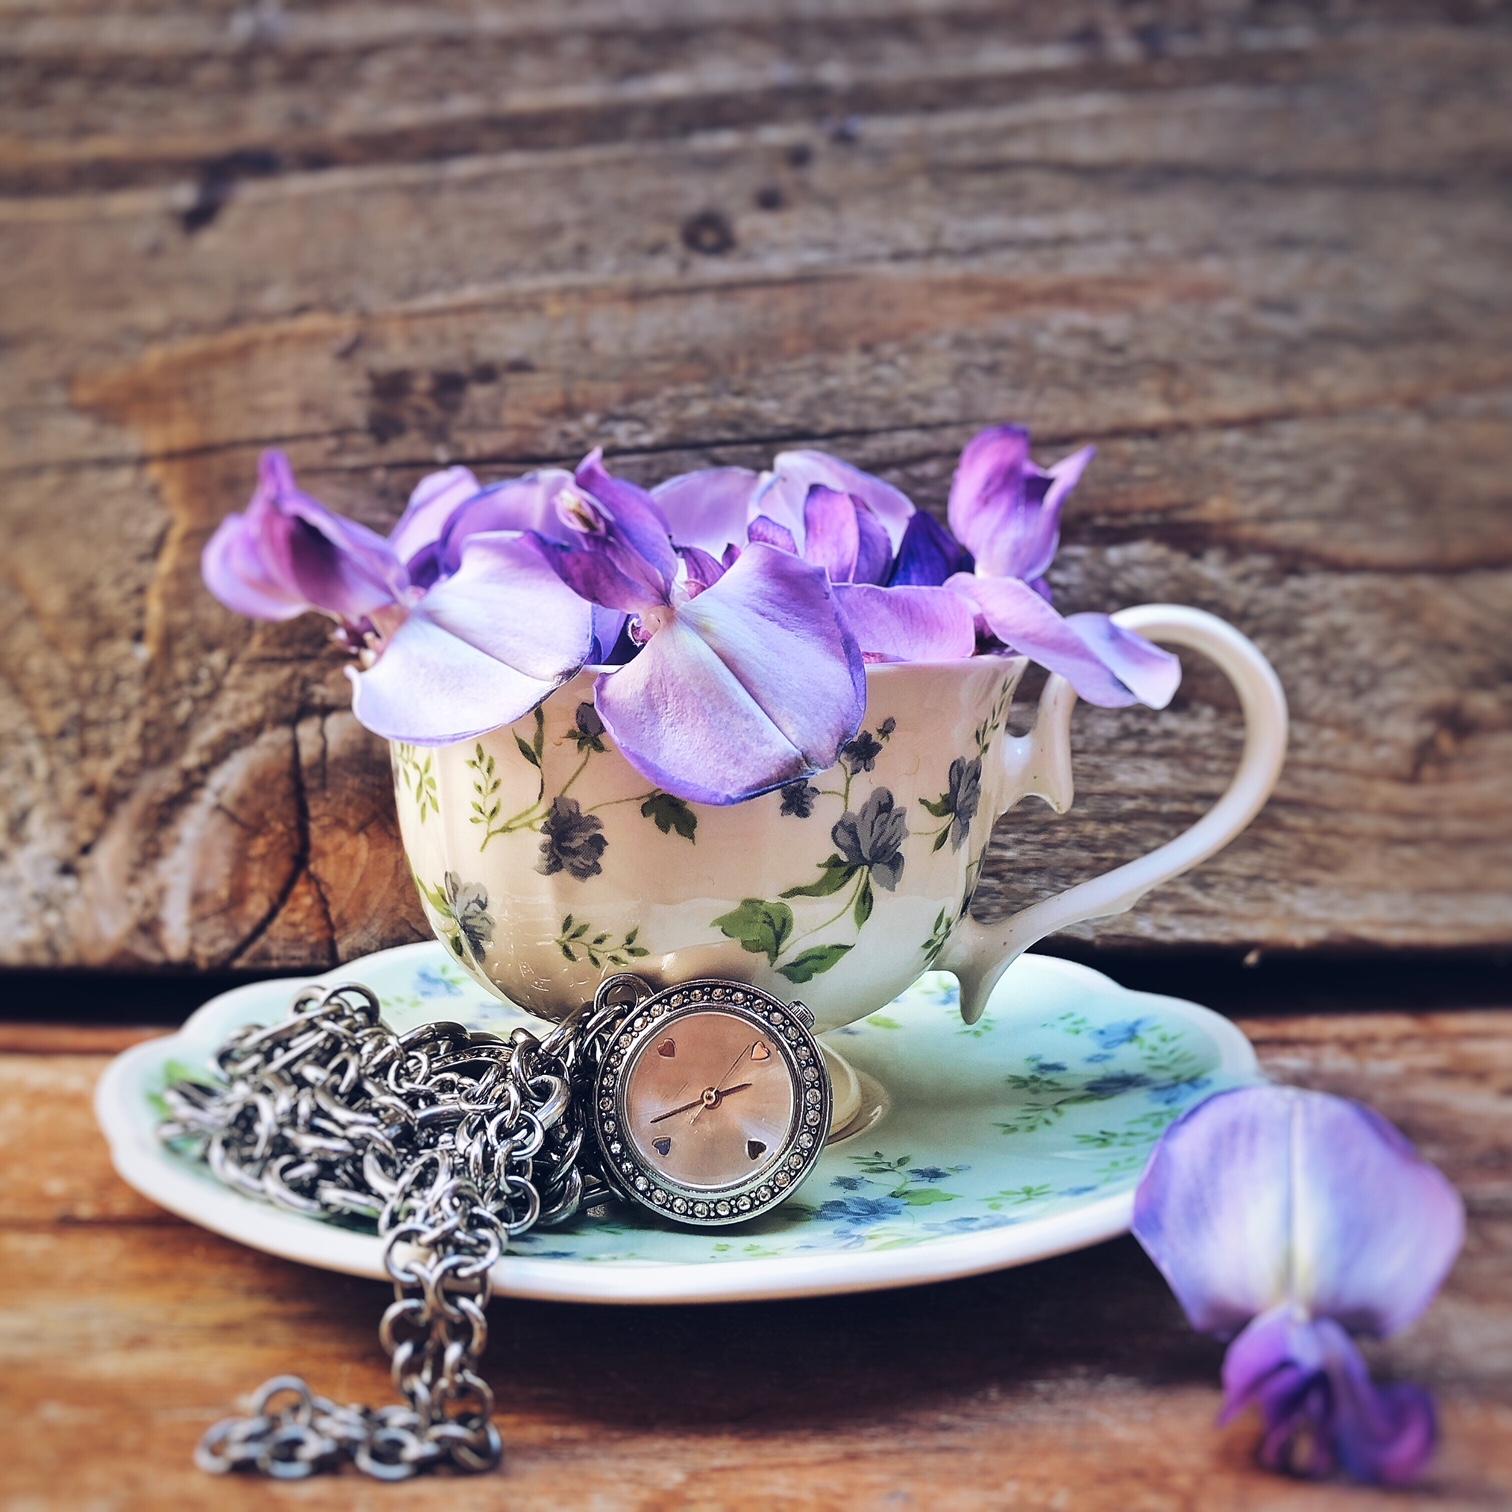 tazzina da caffè vintage con fiori viola di glicine e orologio da donna da polso - foto di tatianaberlaffa.com